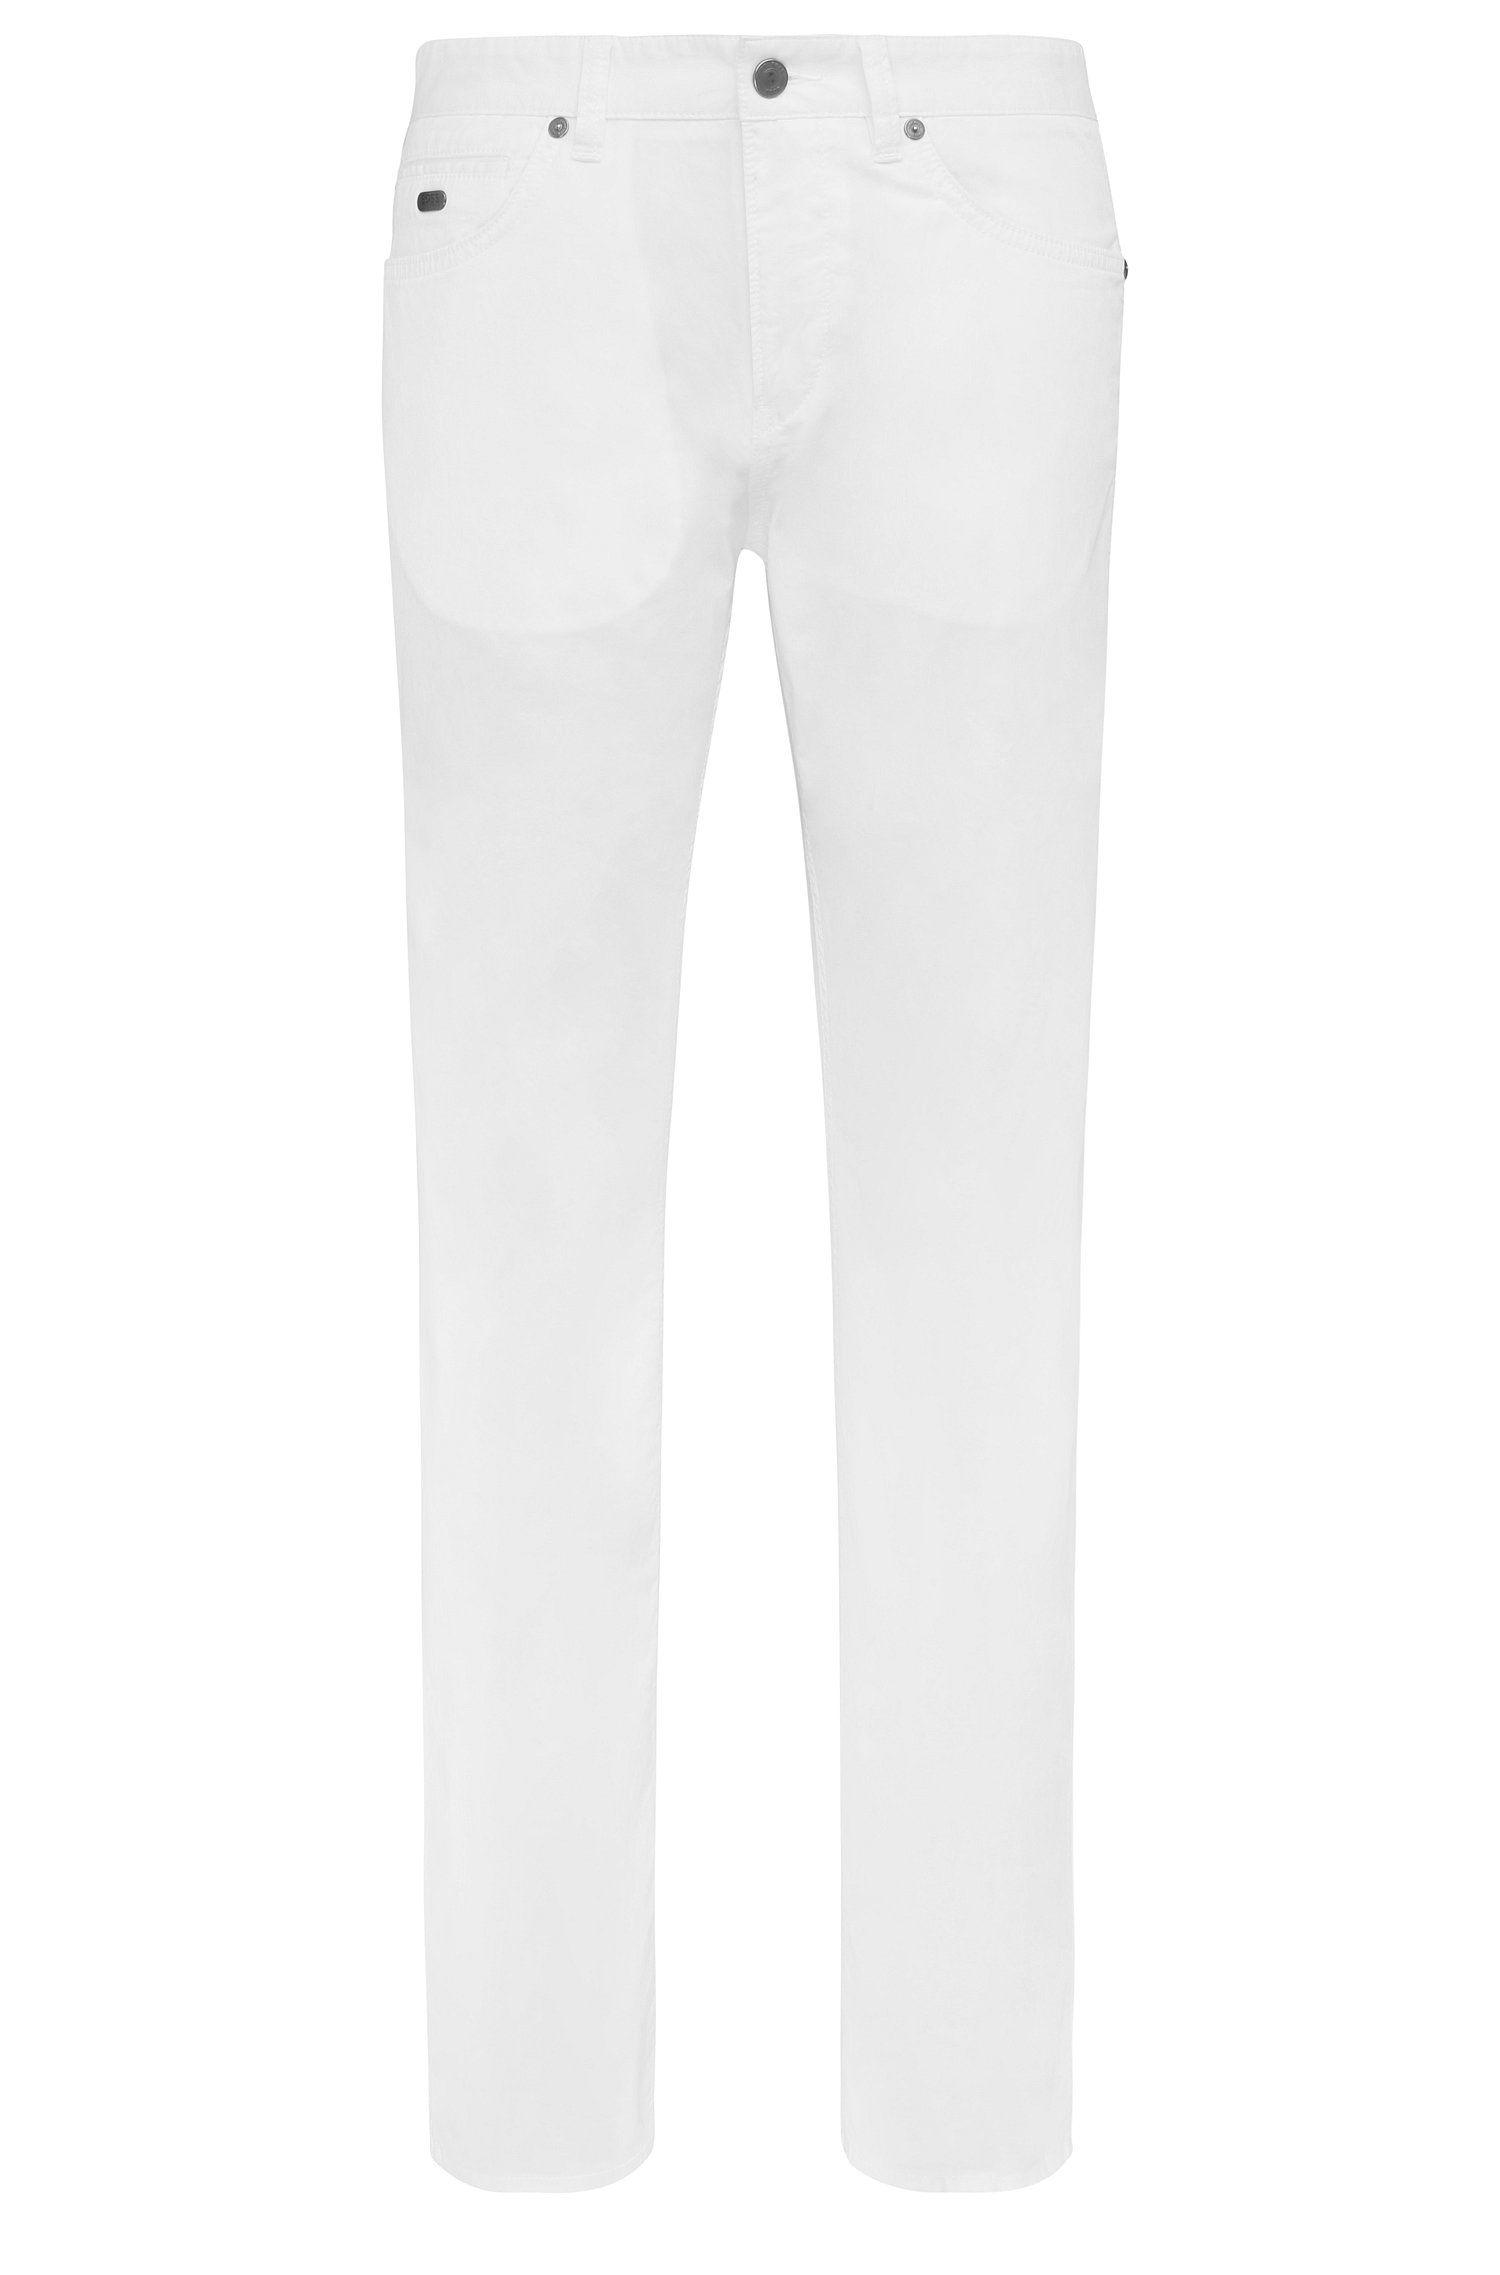 Pantalón slim fit en algodón elástico: 'C-Delaware3-3-20'